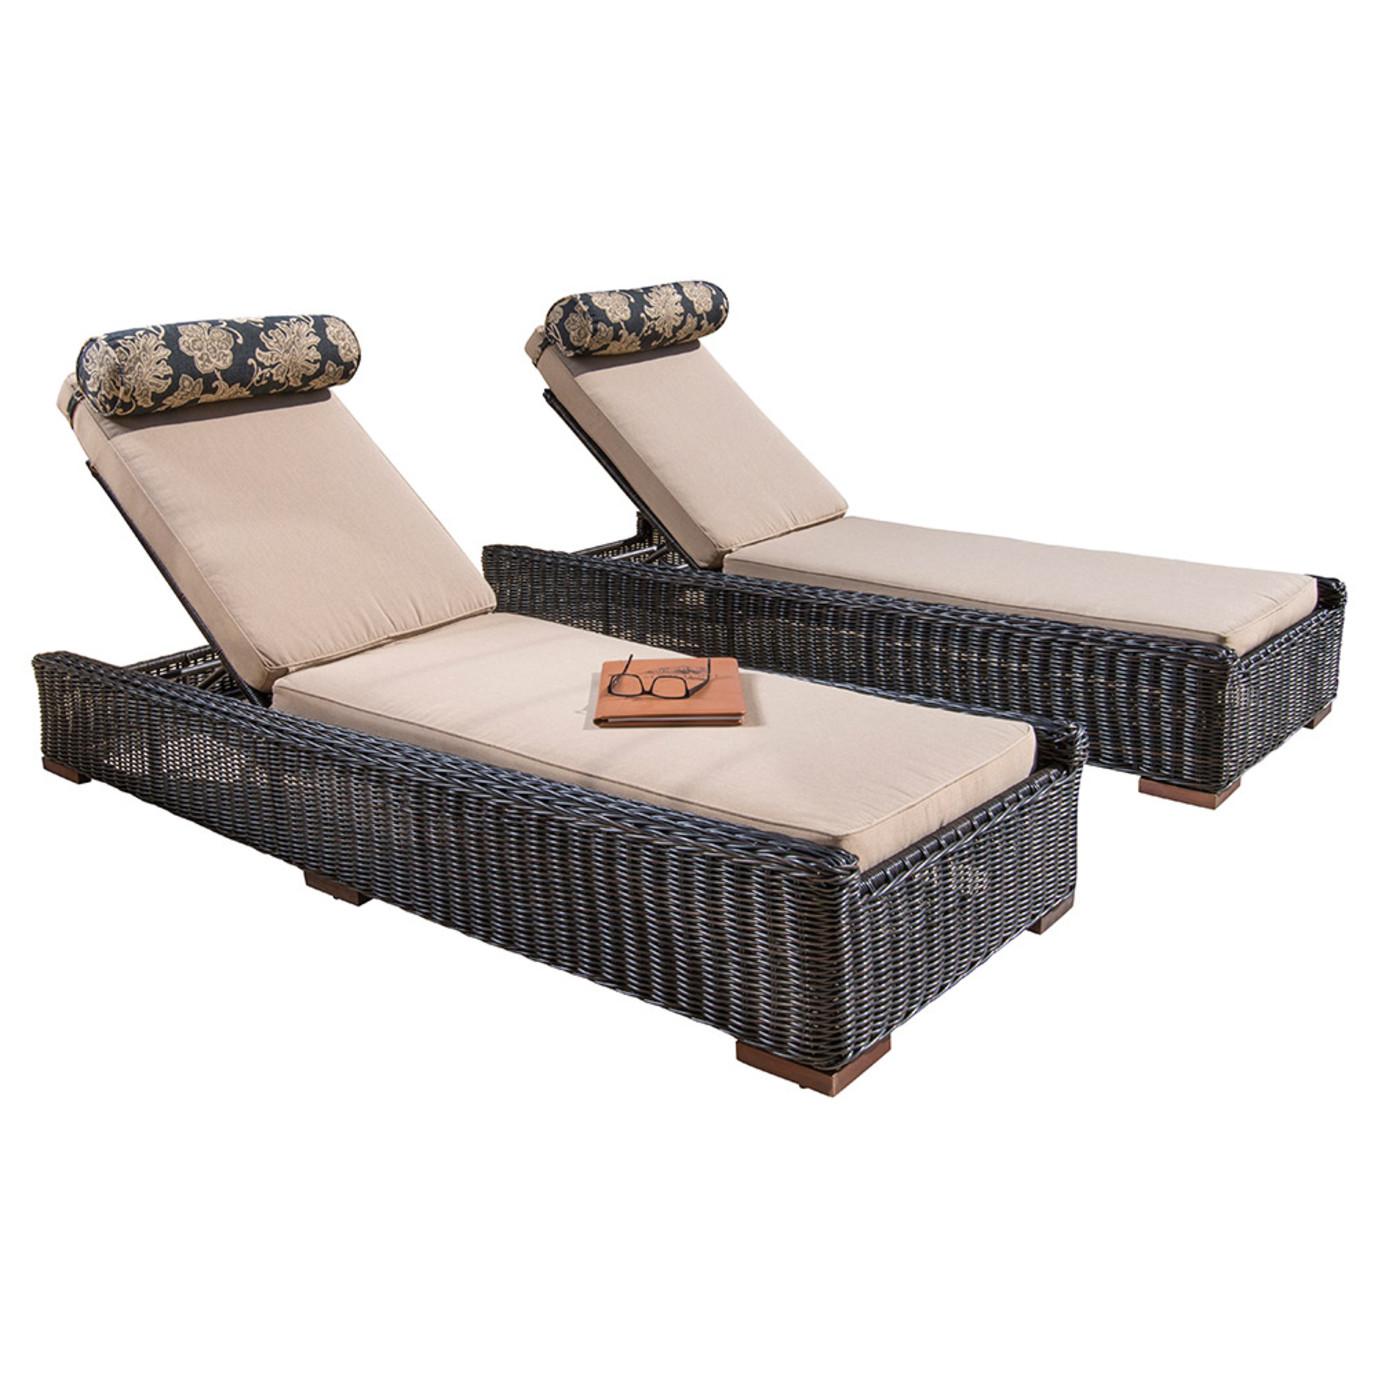 Resort™ 2pc Lounge & Cushion Set - Espresso/Heather Beige